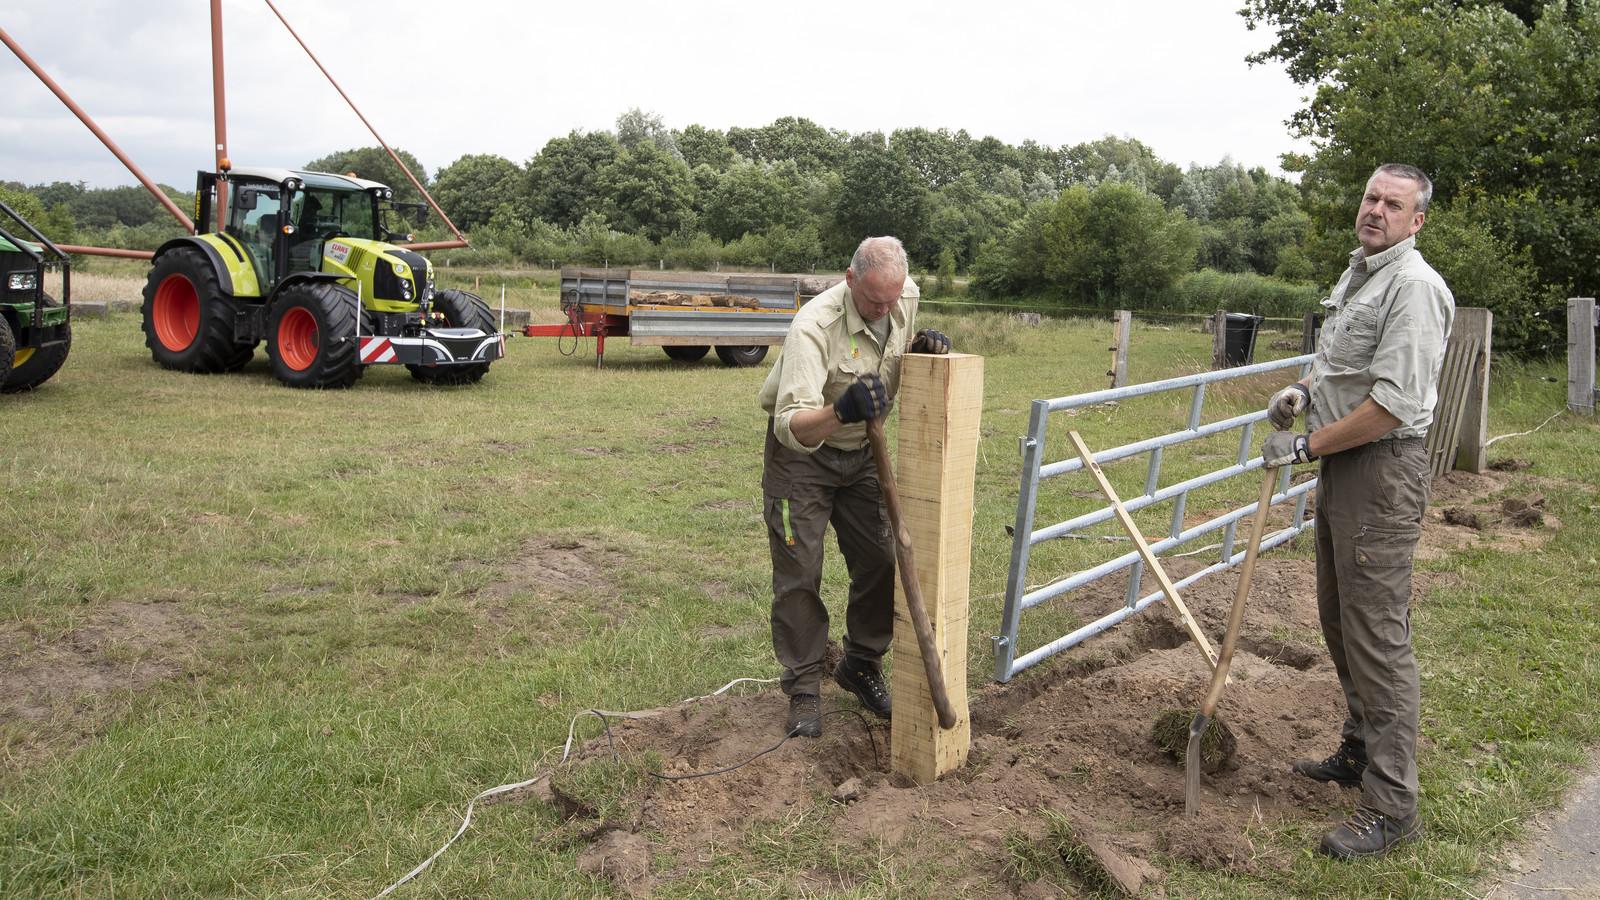 De ligweide aan de Regge bij Hellendoorn wordt afgerasterd door medewerkers van Landschap Overijssel. Stroom- en prikkeldraad moet voorkomen dat koeien deze ligweide oplopen en hier hun  behoefte doen.